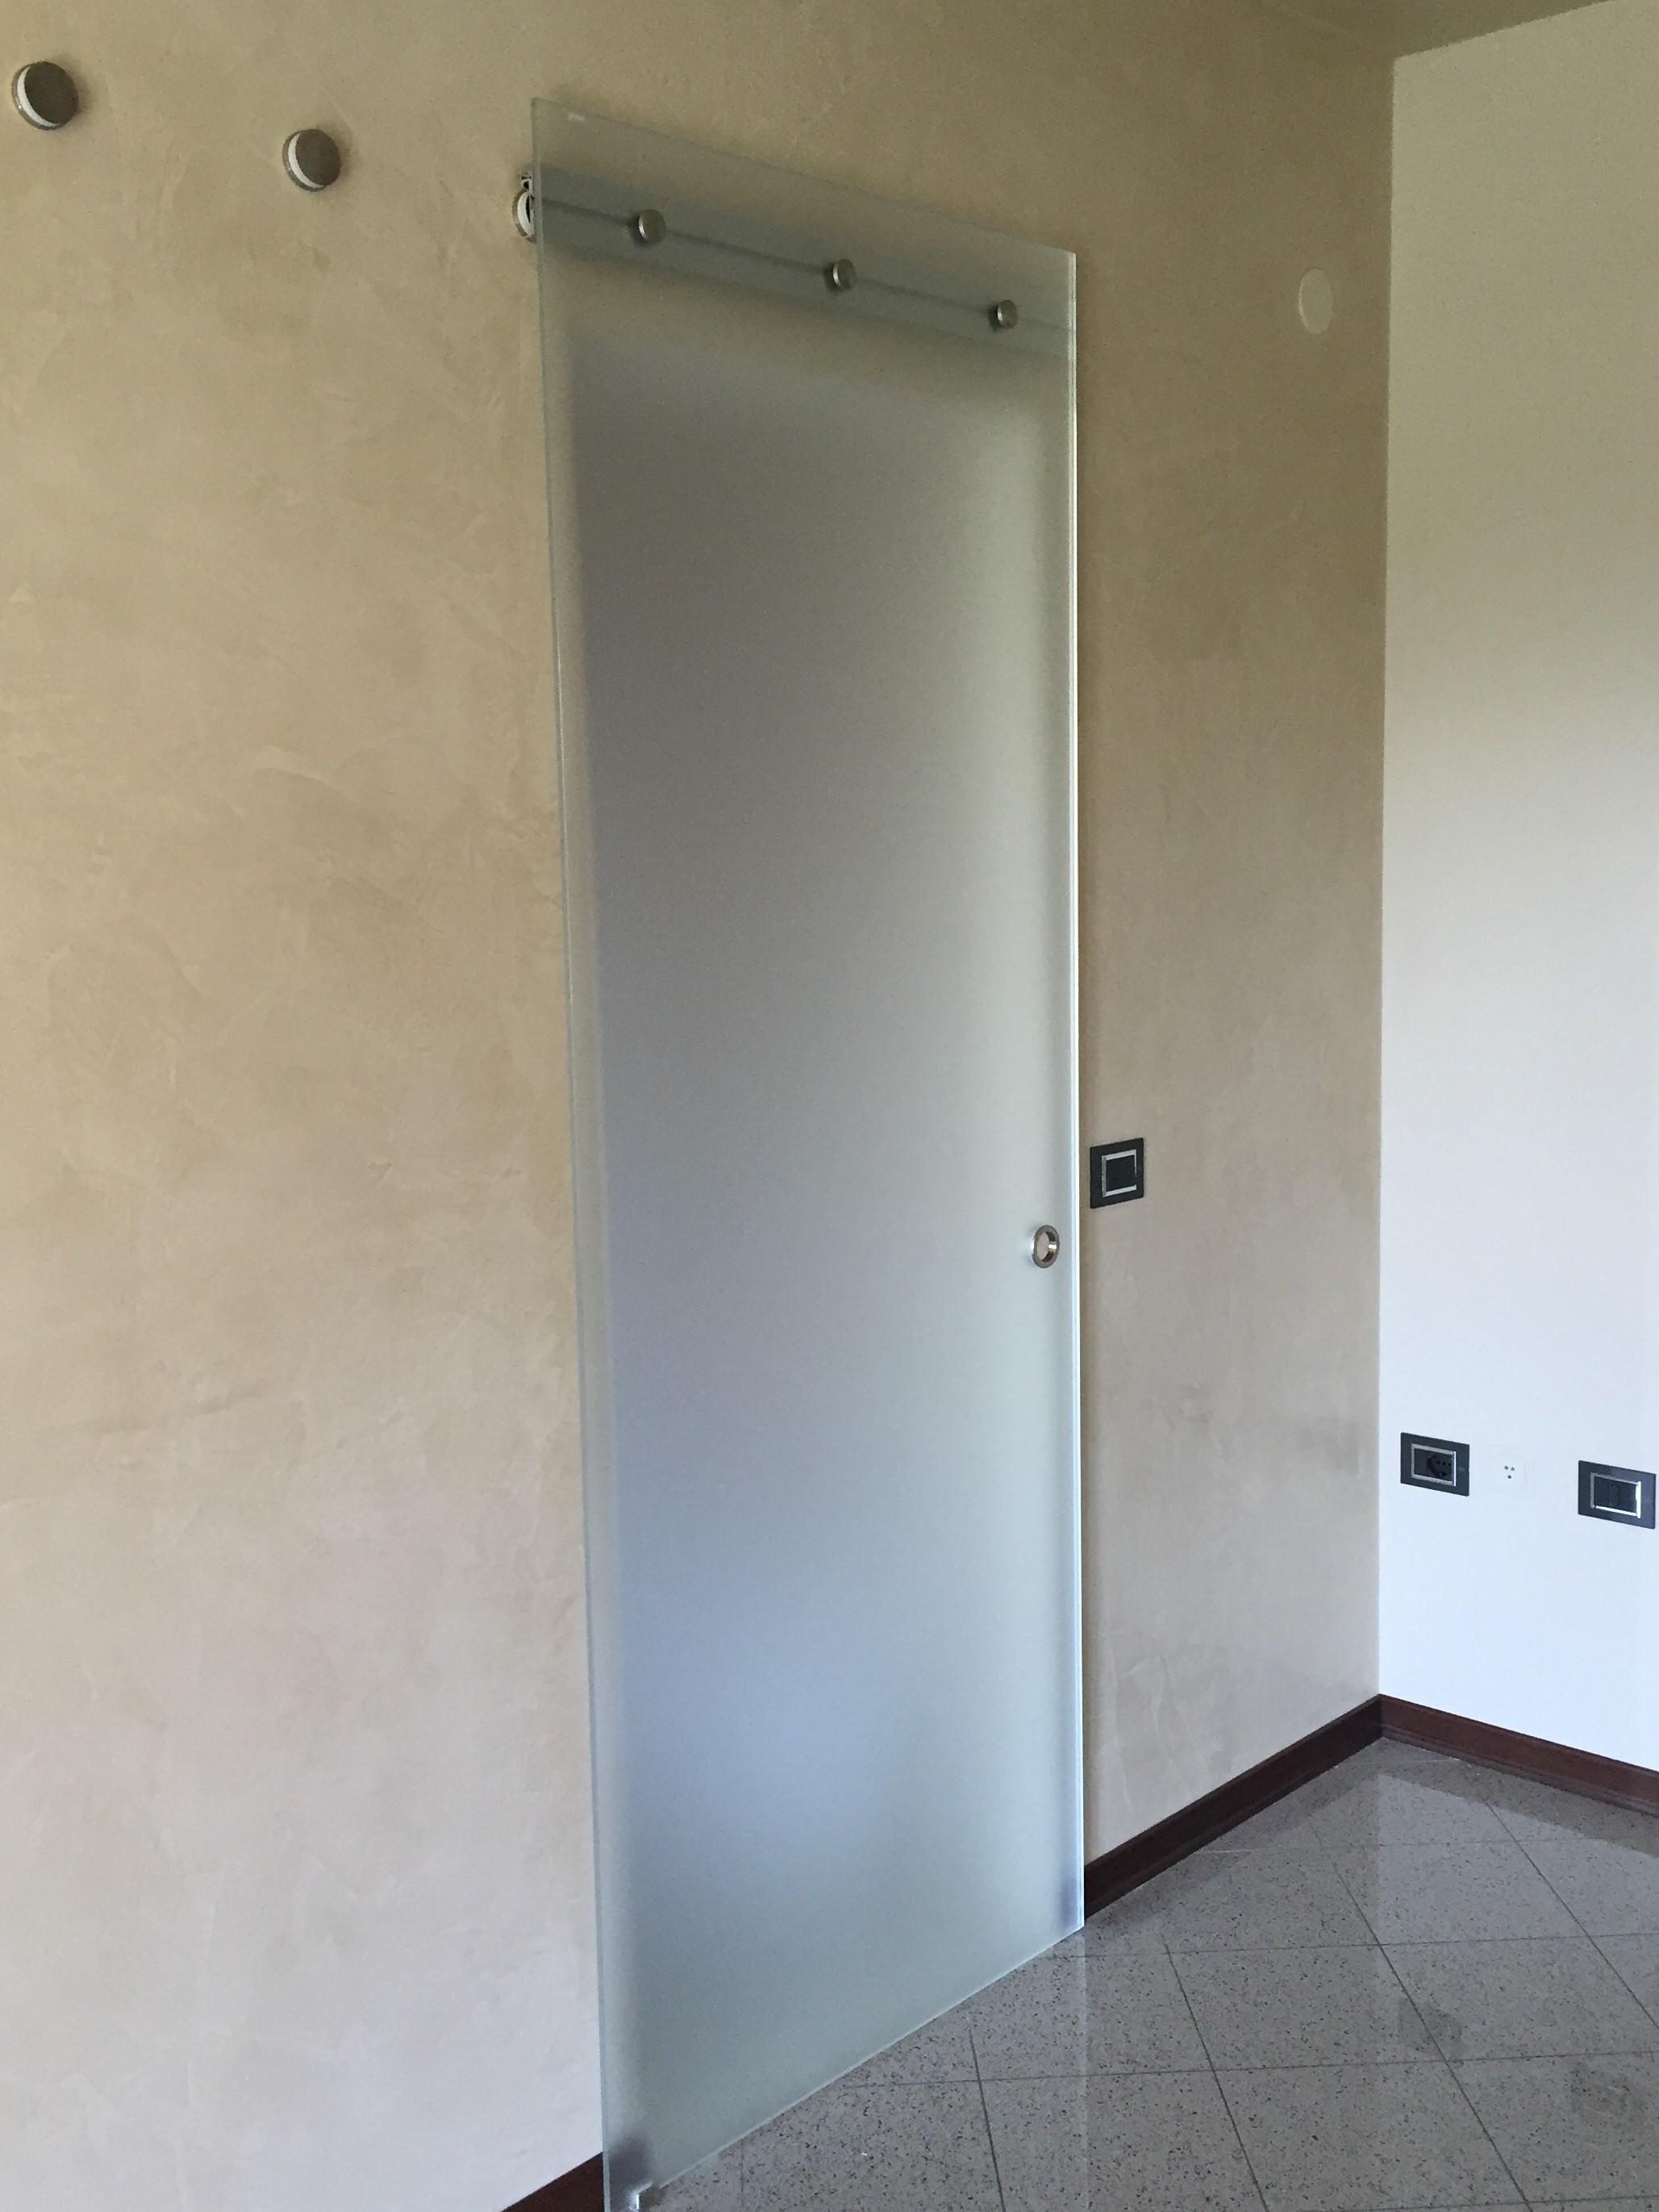 Tecnovetro realizzazione porte da interni - Porte da interni ...